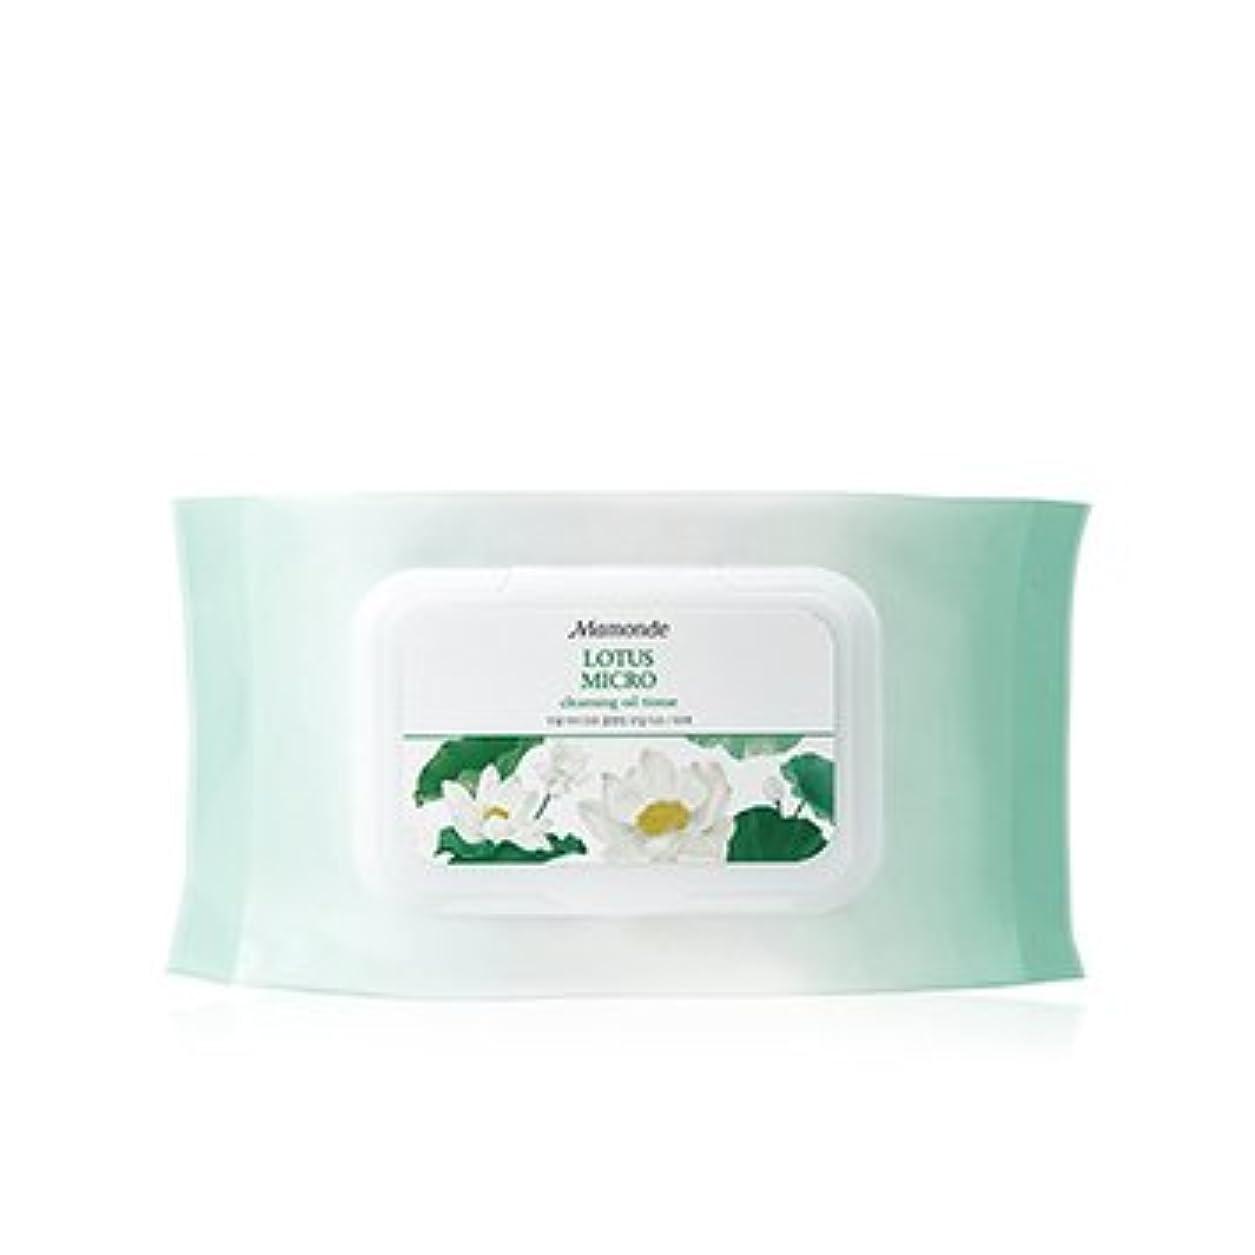 財産病んでいる干渉Mamonde Lotus Micro Cleansing Oil Tissue 50Sheets/マモンド 蓮 マイクロ クレンジング オイル ティッシュ 50枚入り [並行輸入品]